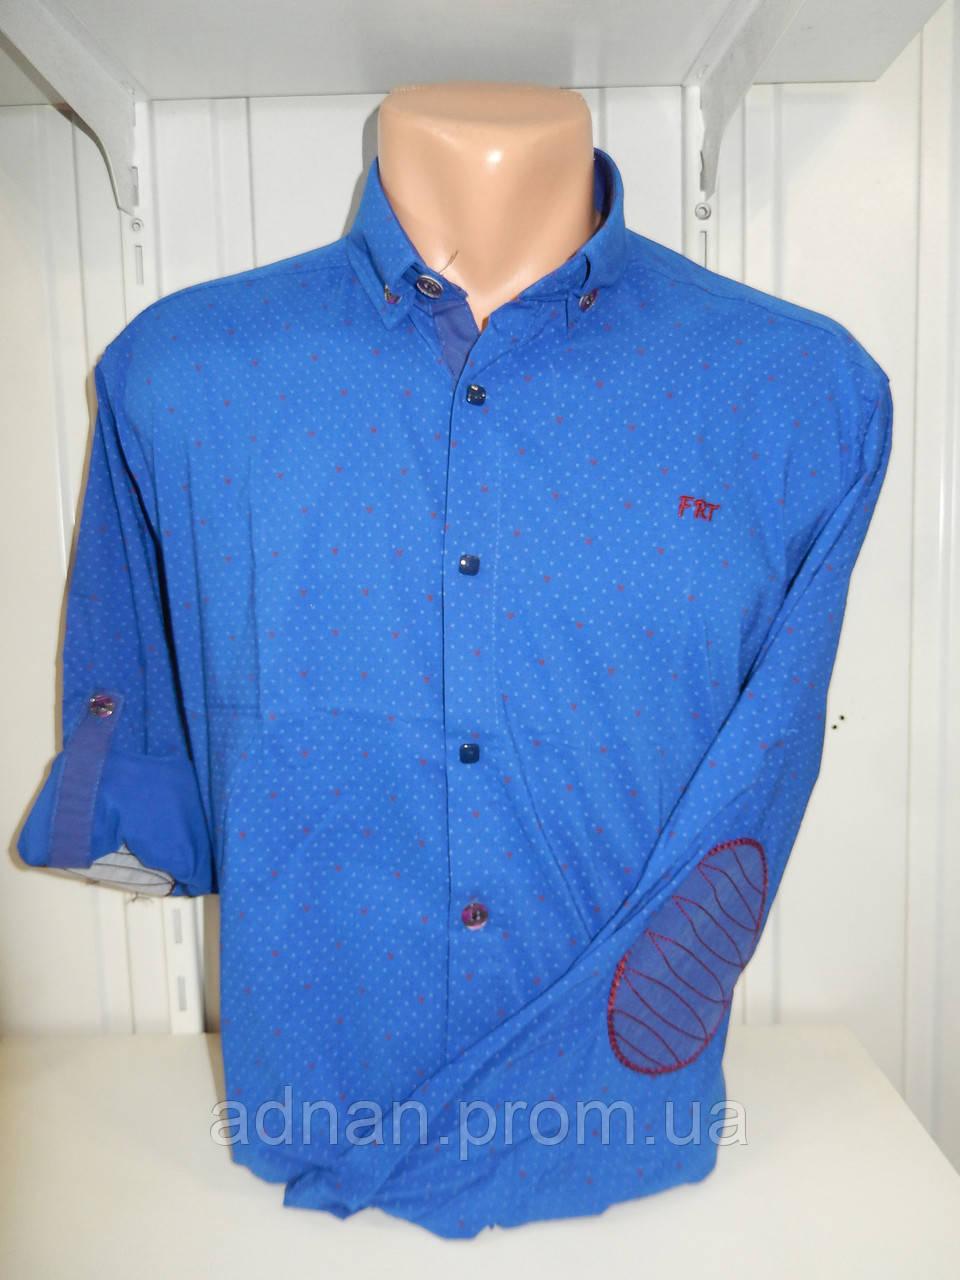 Рубашка мужская YG  длинный-короткий рукав, заклепки, налокотники, мелкий узор №01,08,03 002\ купить рубашку